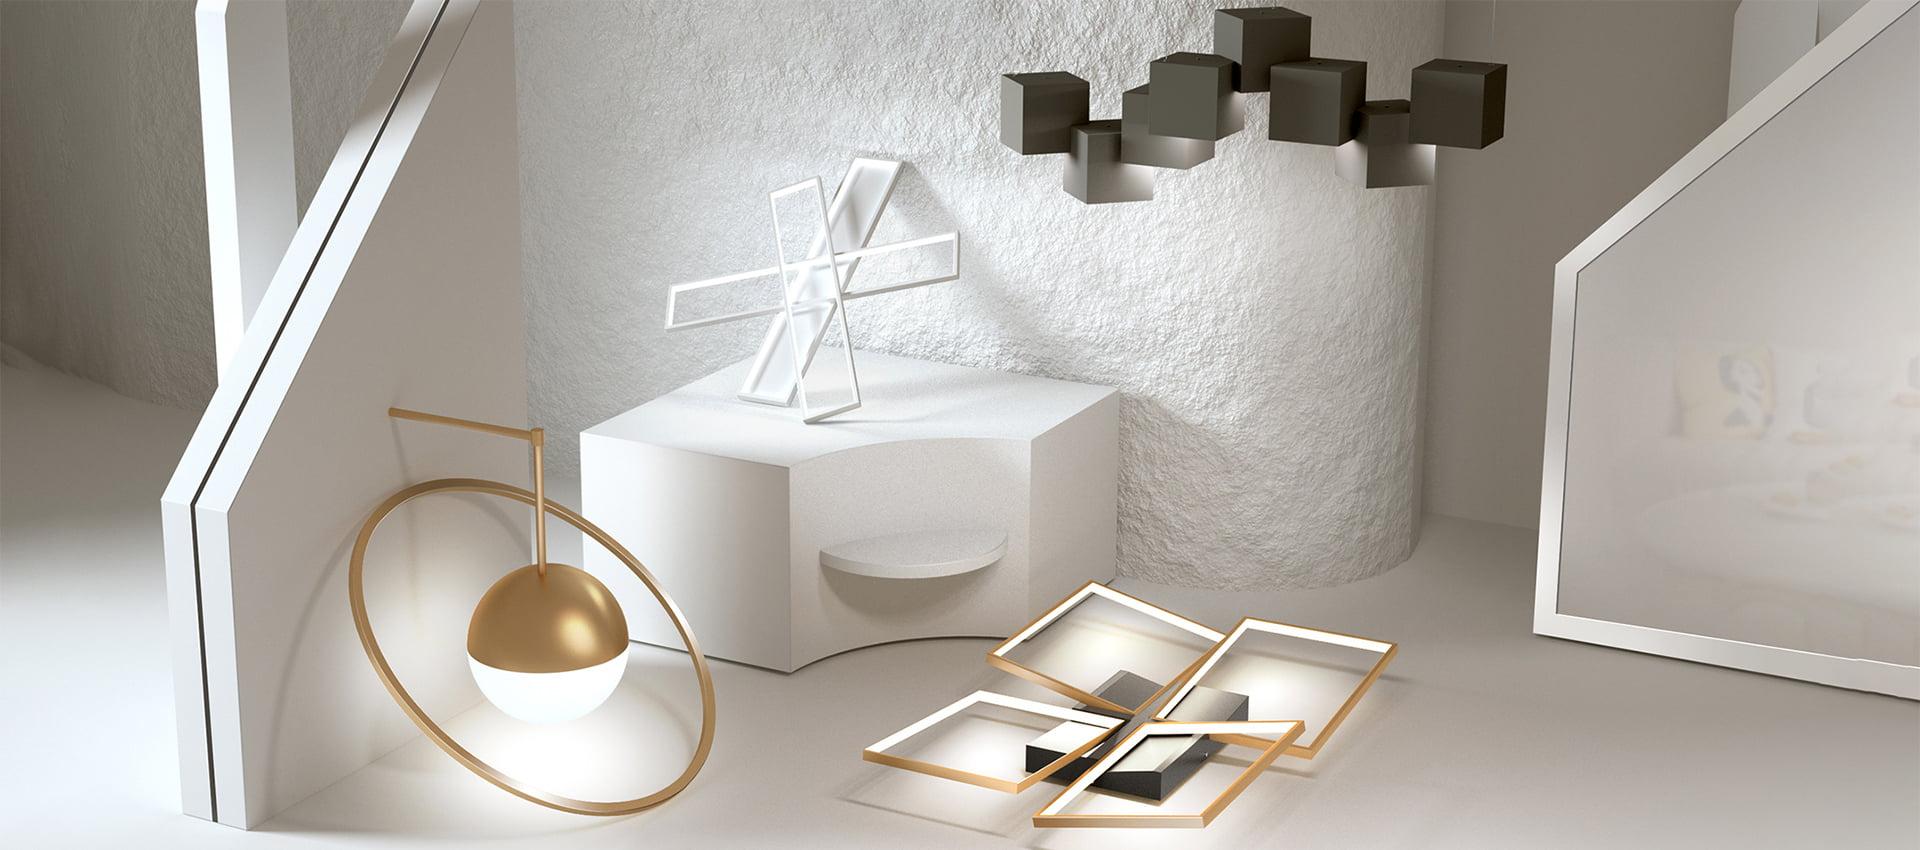 智能燈具-多元燈具